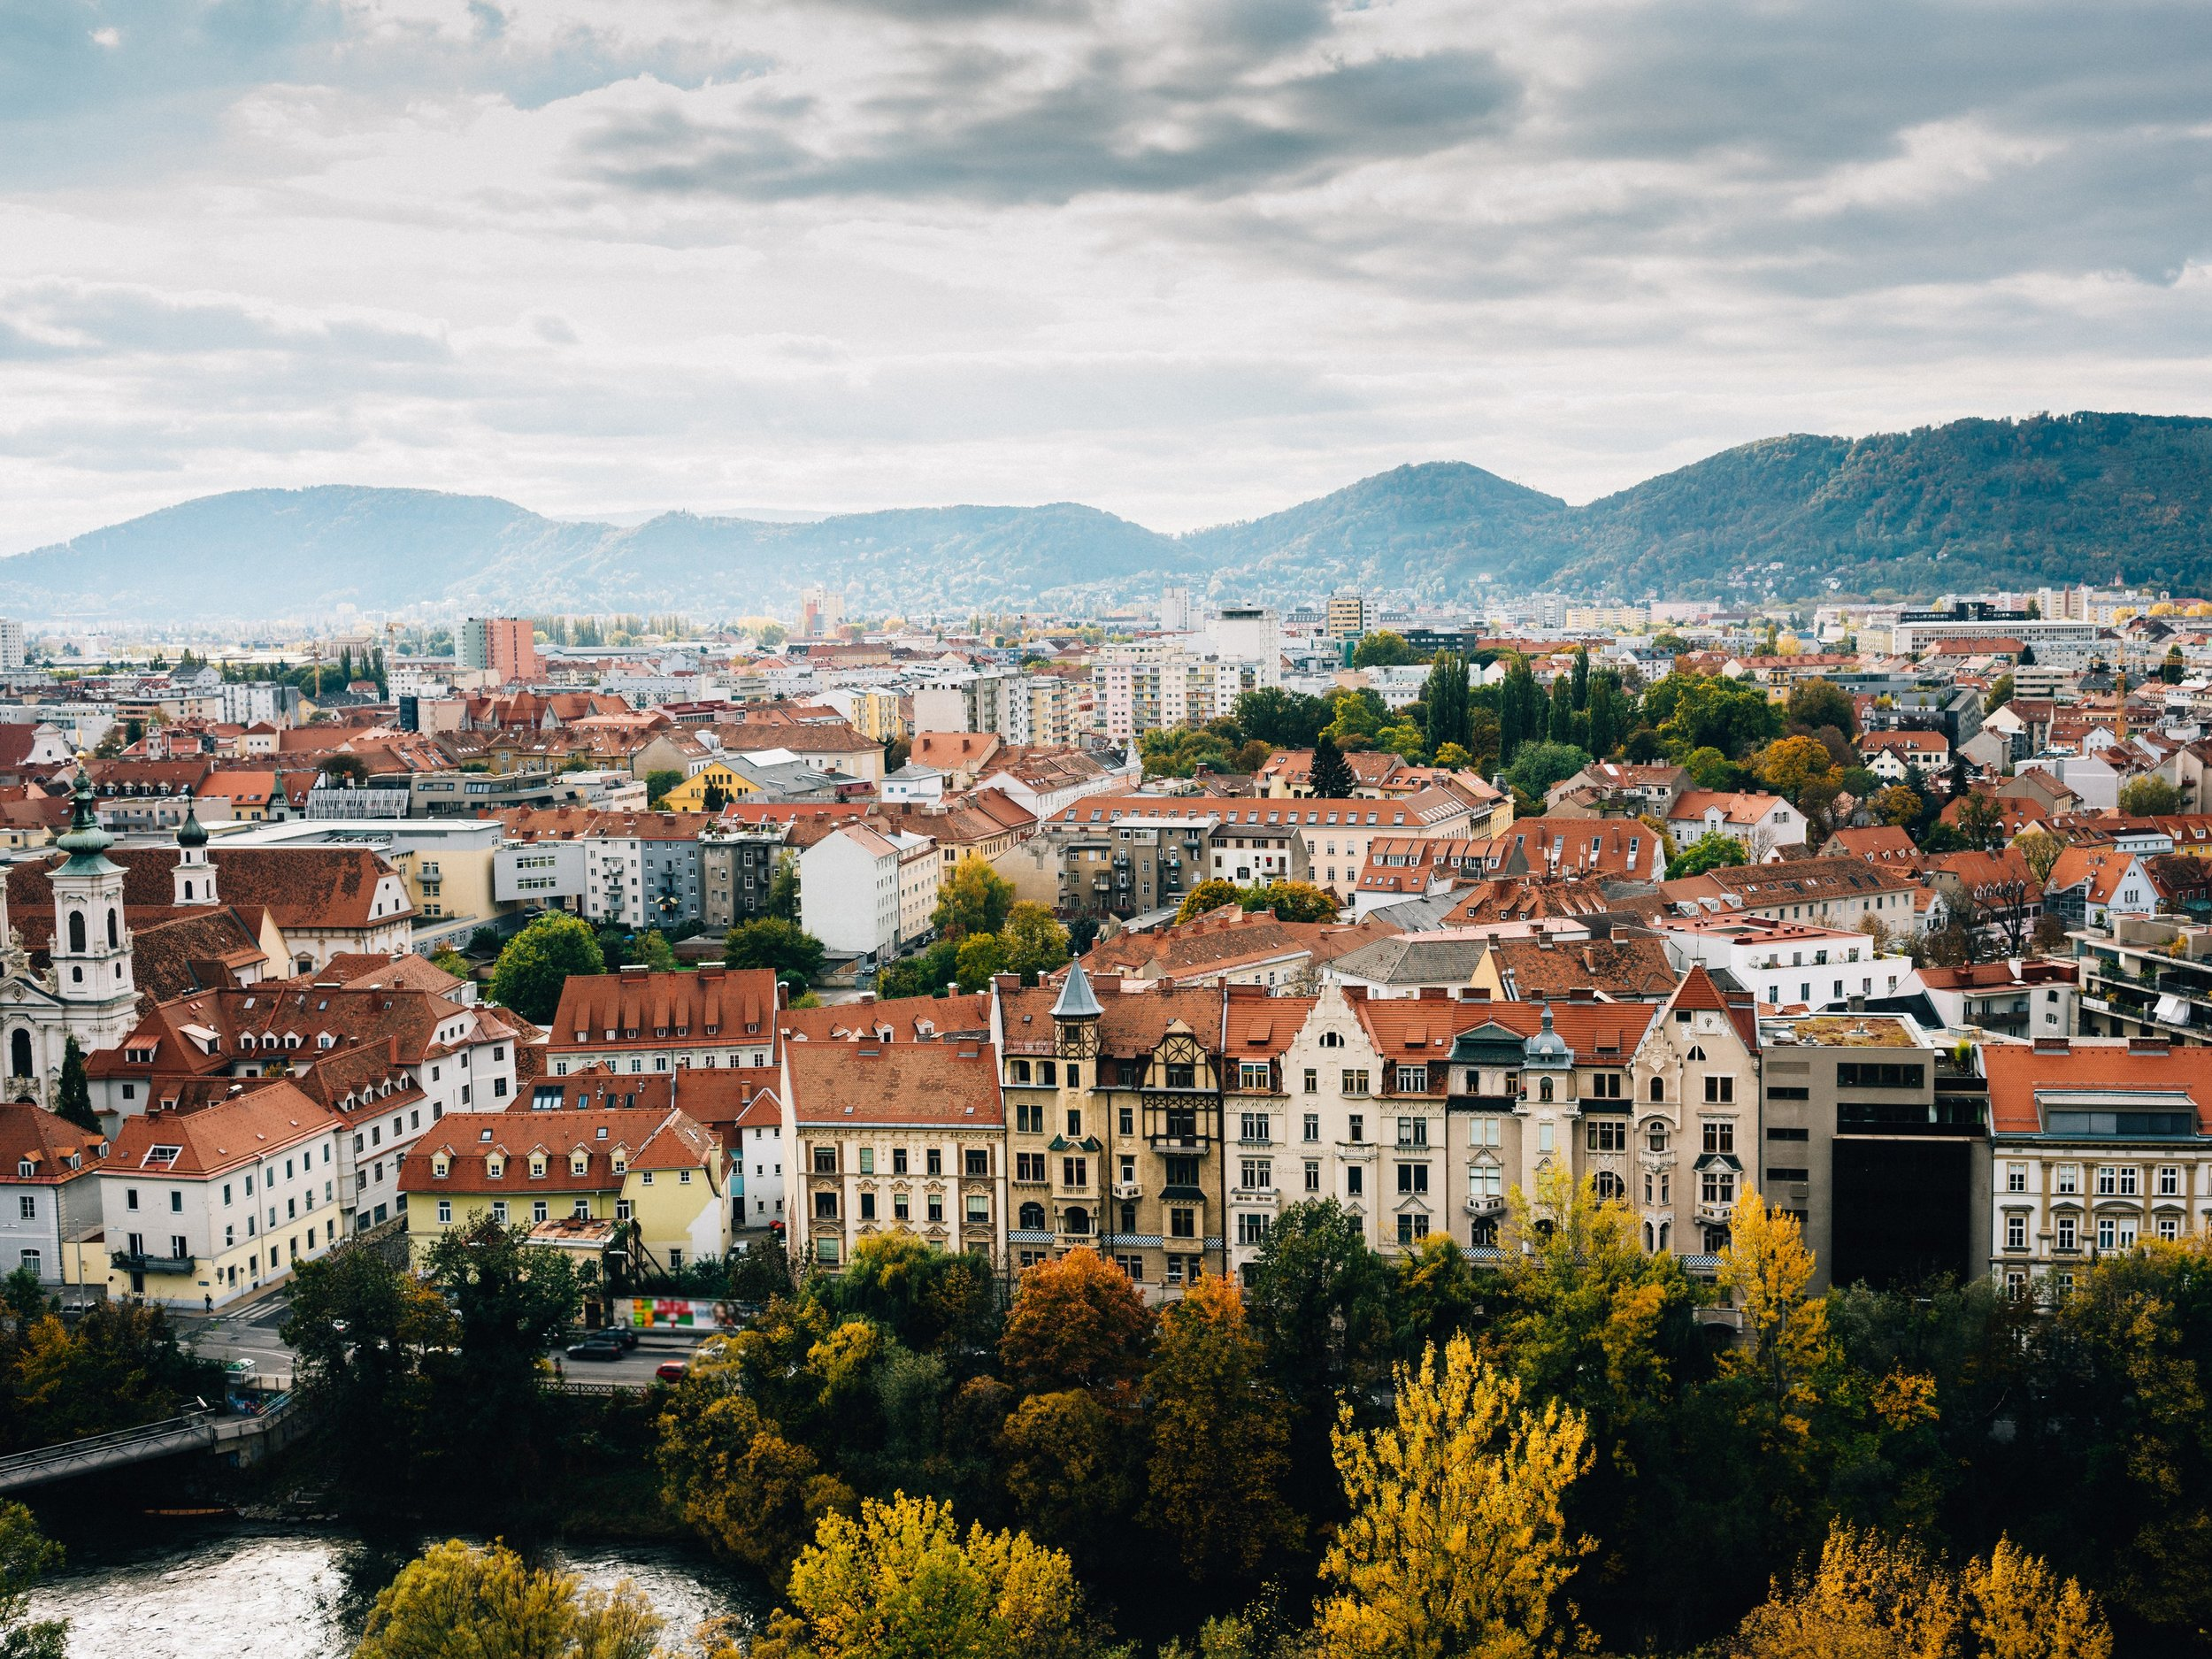 Graz_GettyImages-603864912.jpg